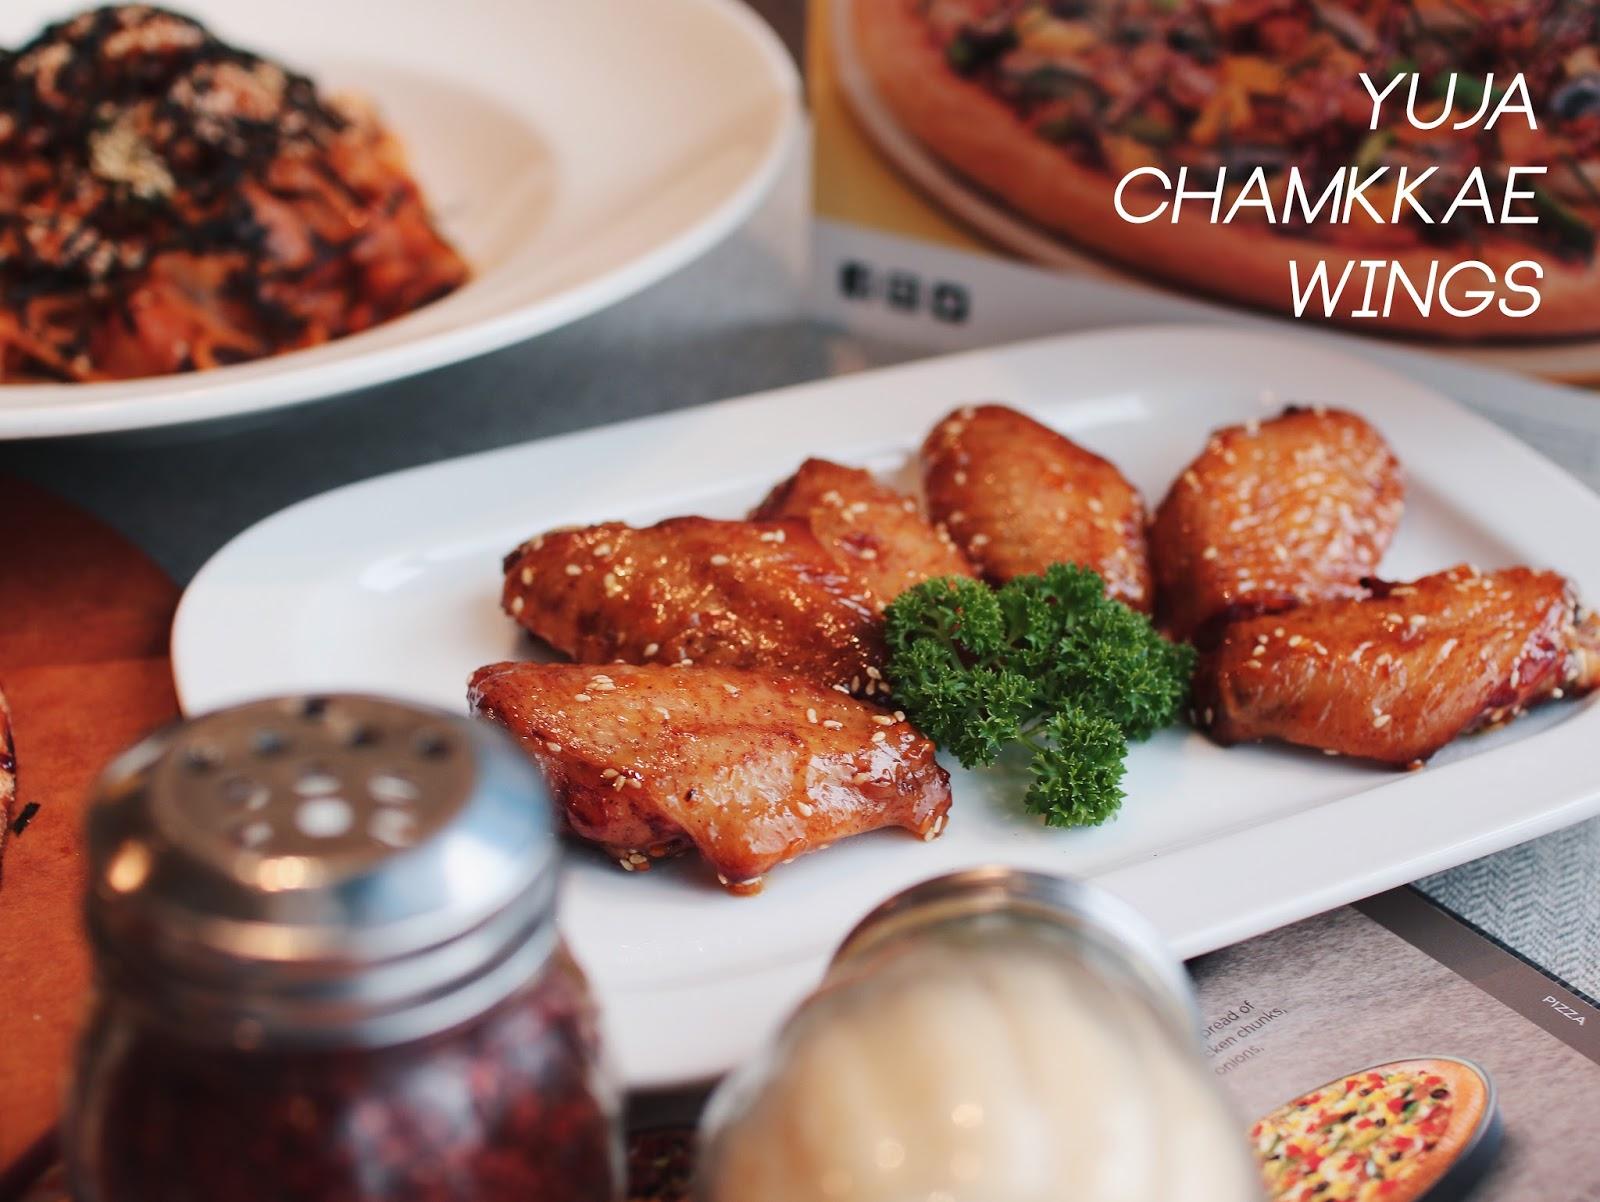 yuja chicken, yujucha, chamkkae, korean fried chicken, pizza hut, review